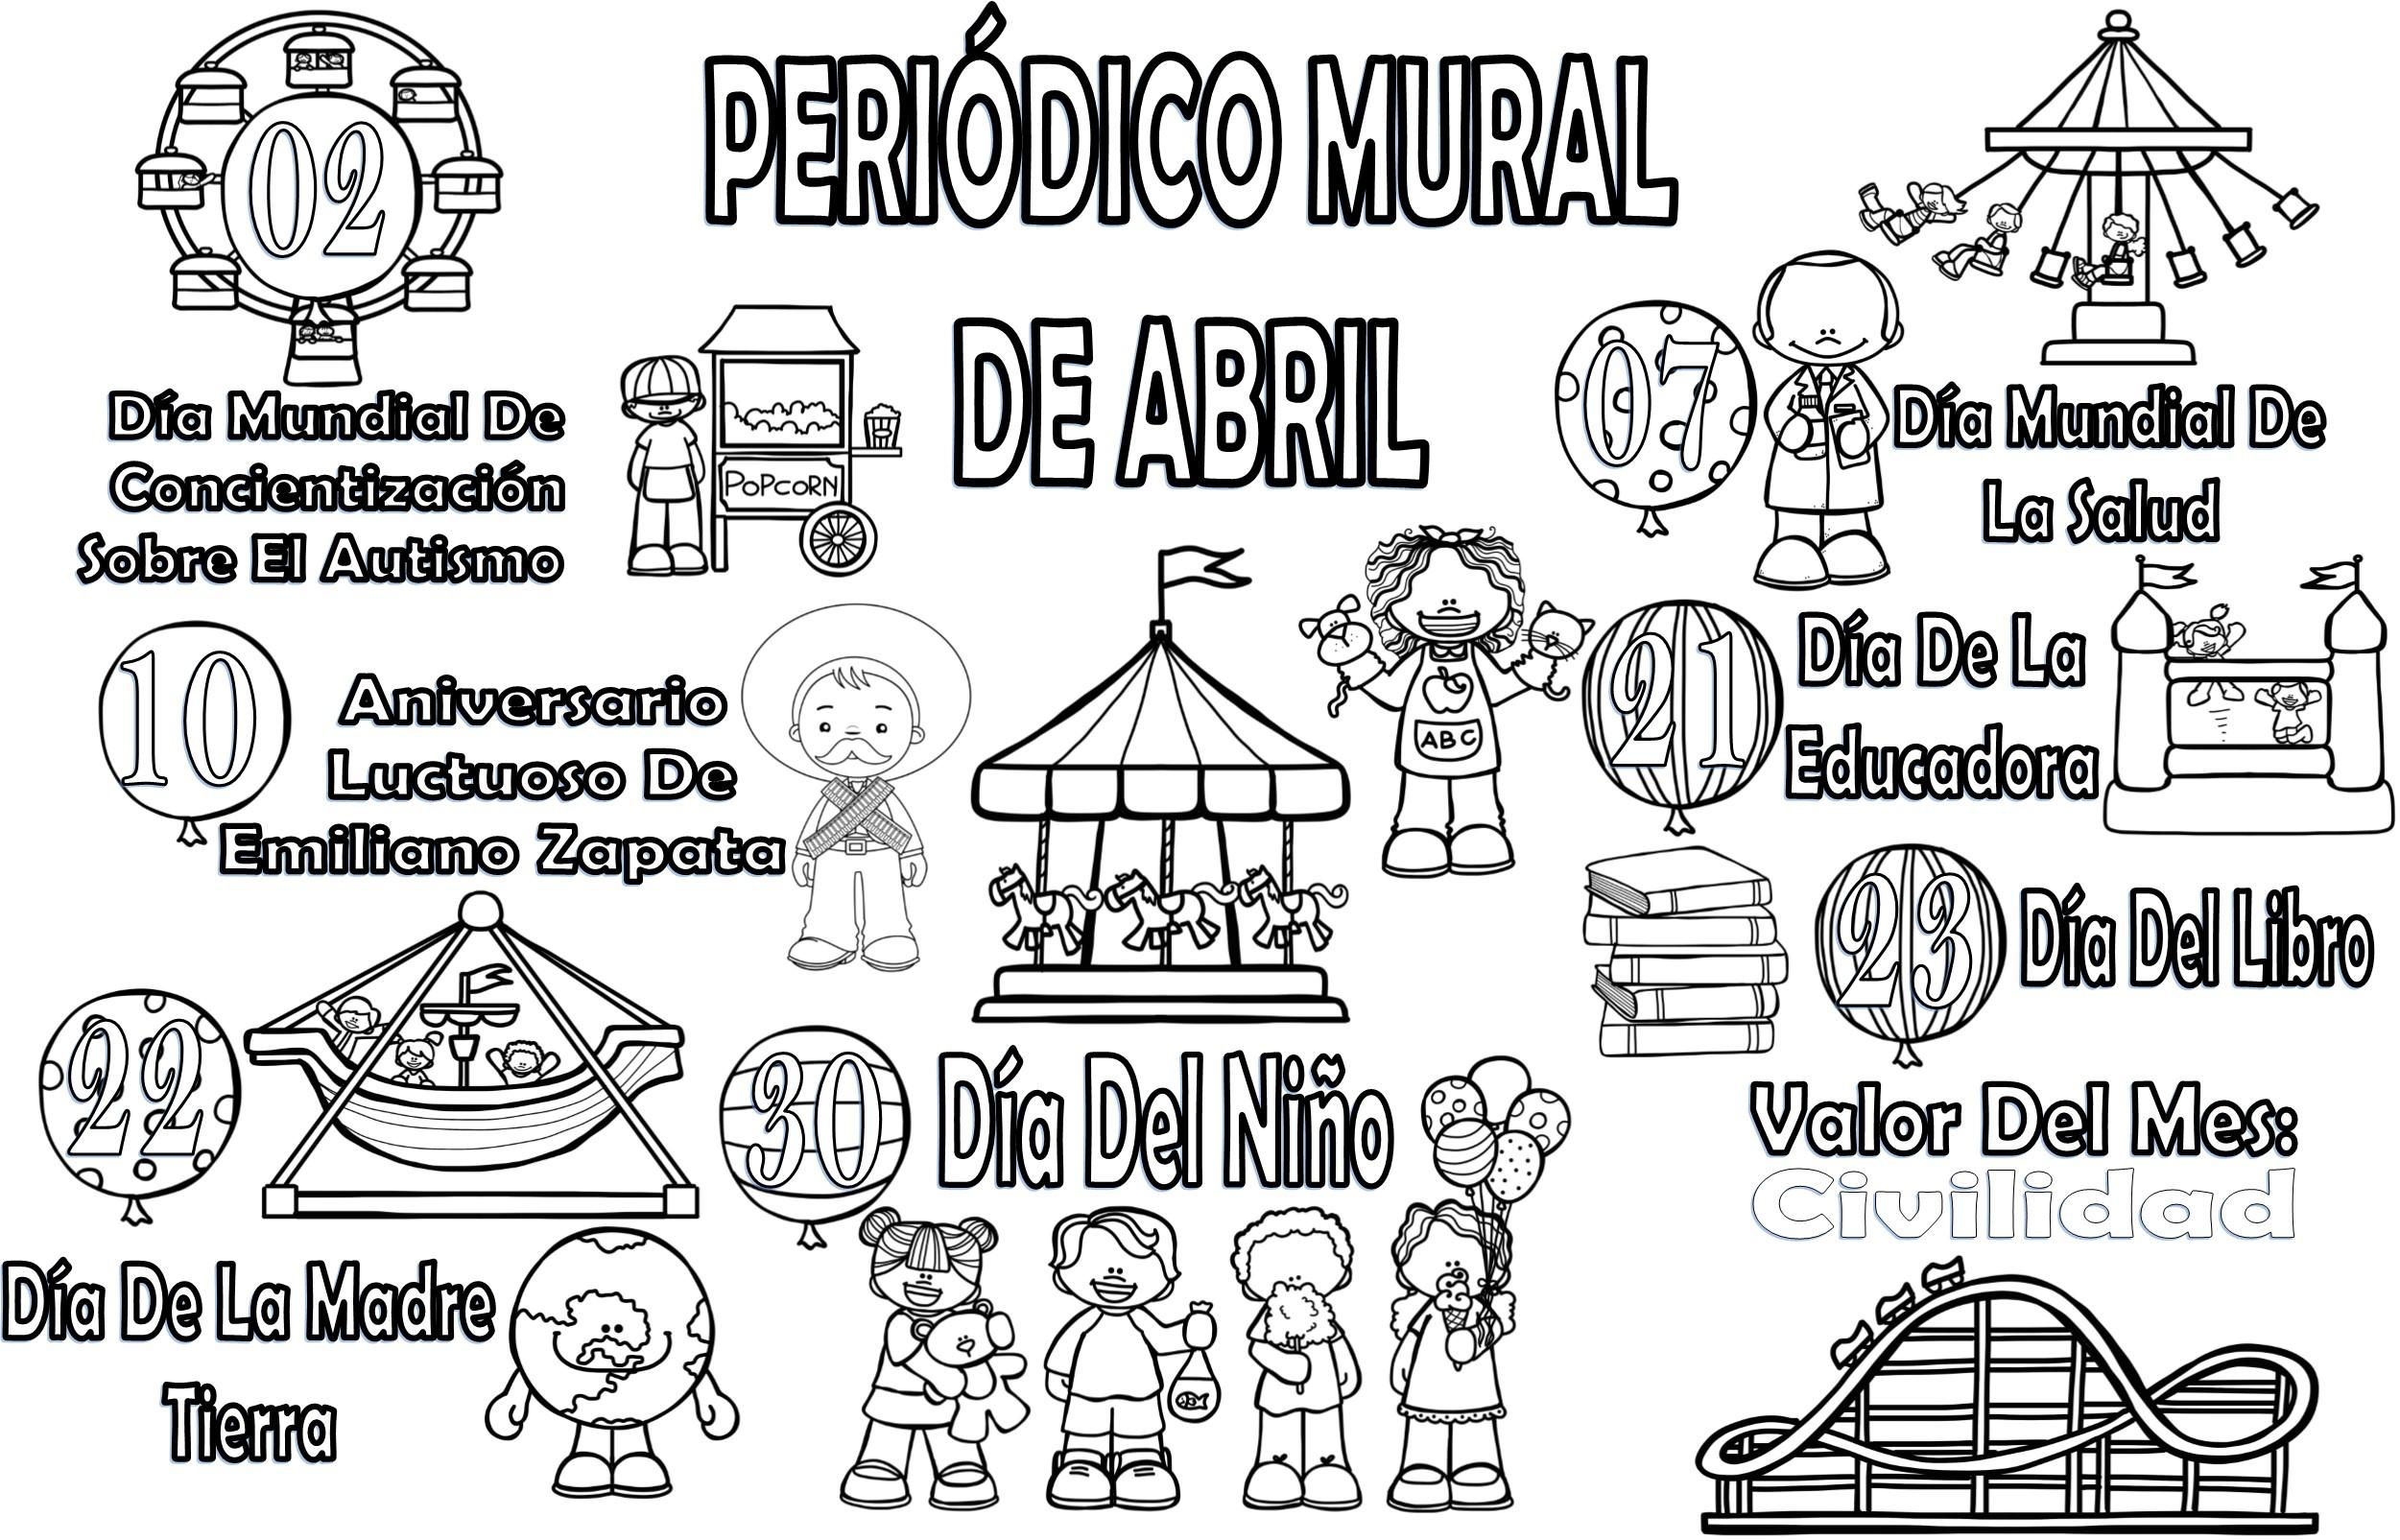 Fabuloso dise o del peri dico mural del mes de abril for Estructura del periodico mural